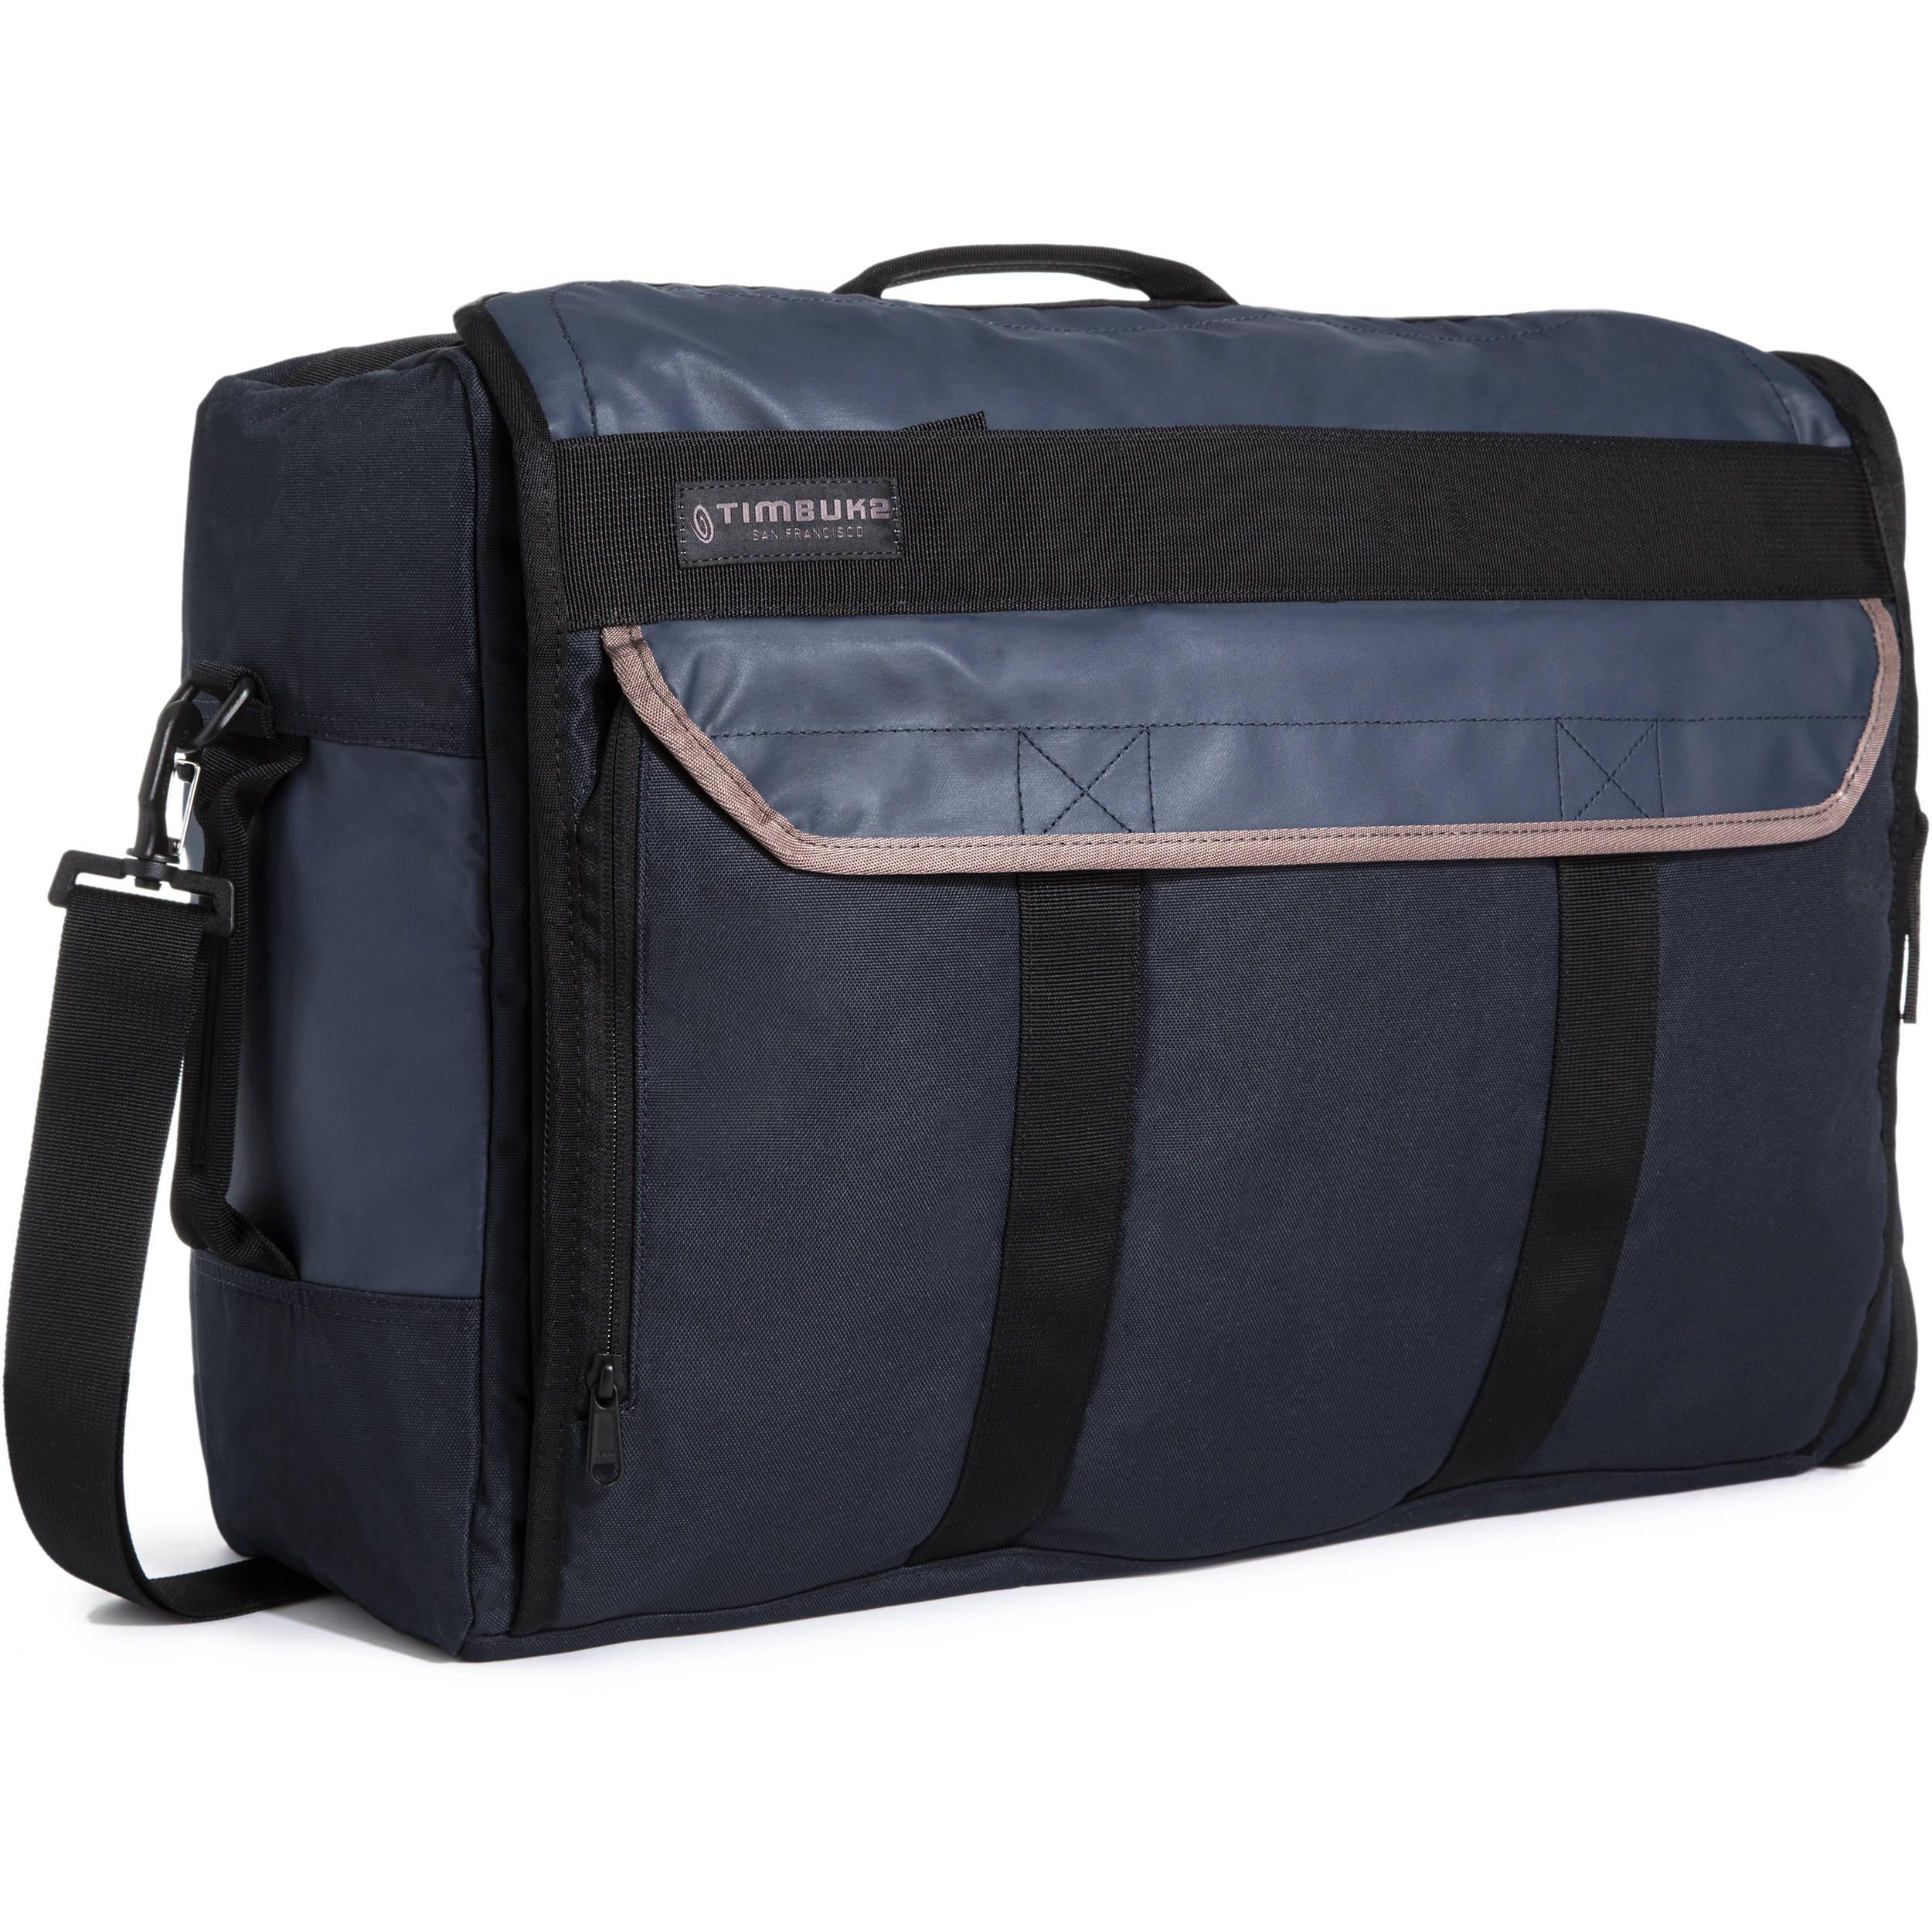 Timbuk Wingman Travel Backpack Review